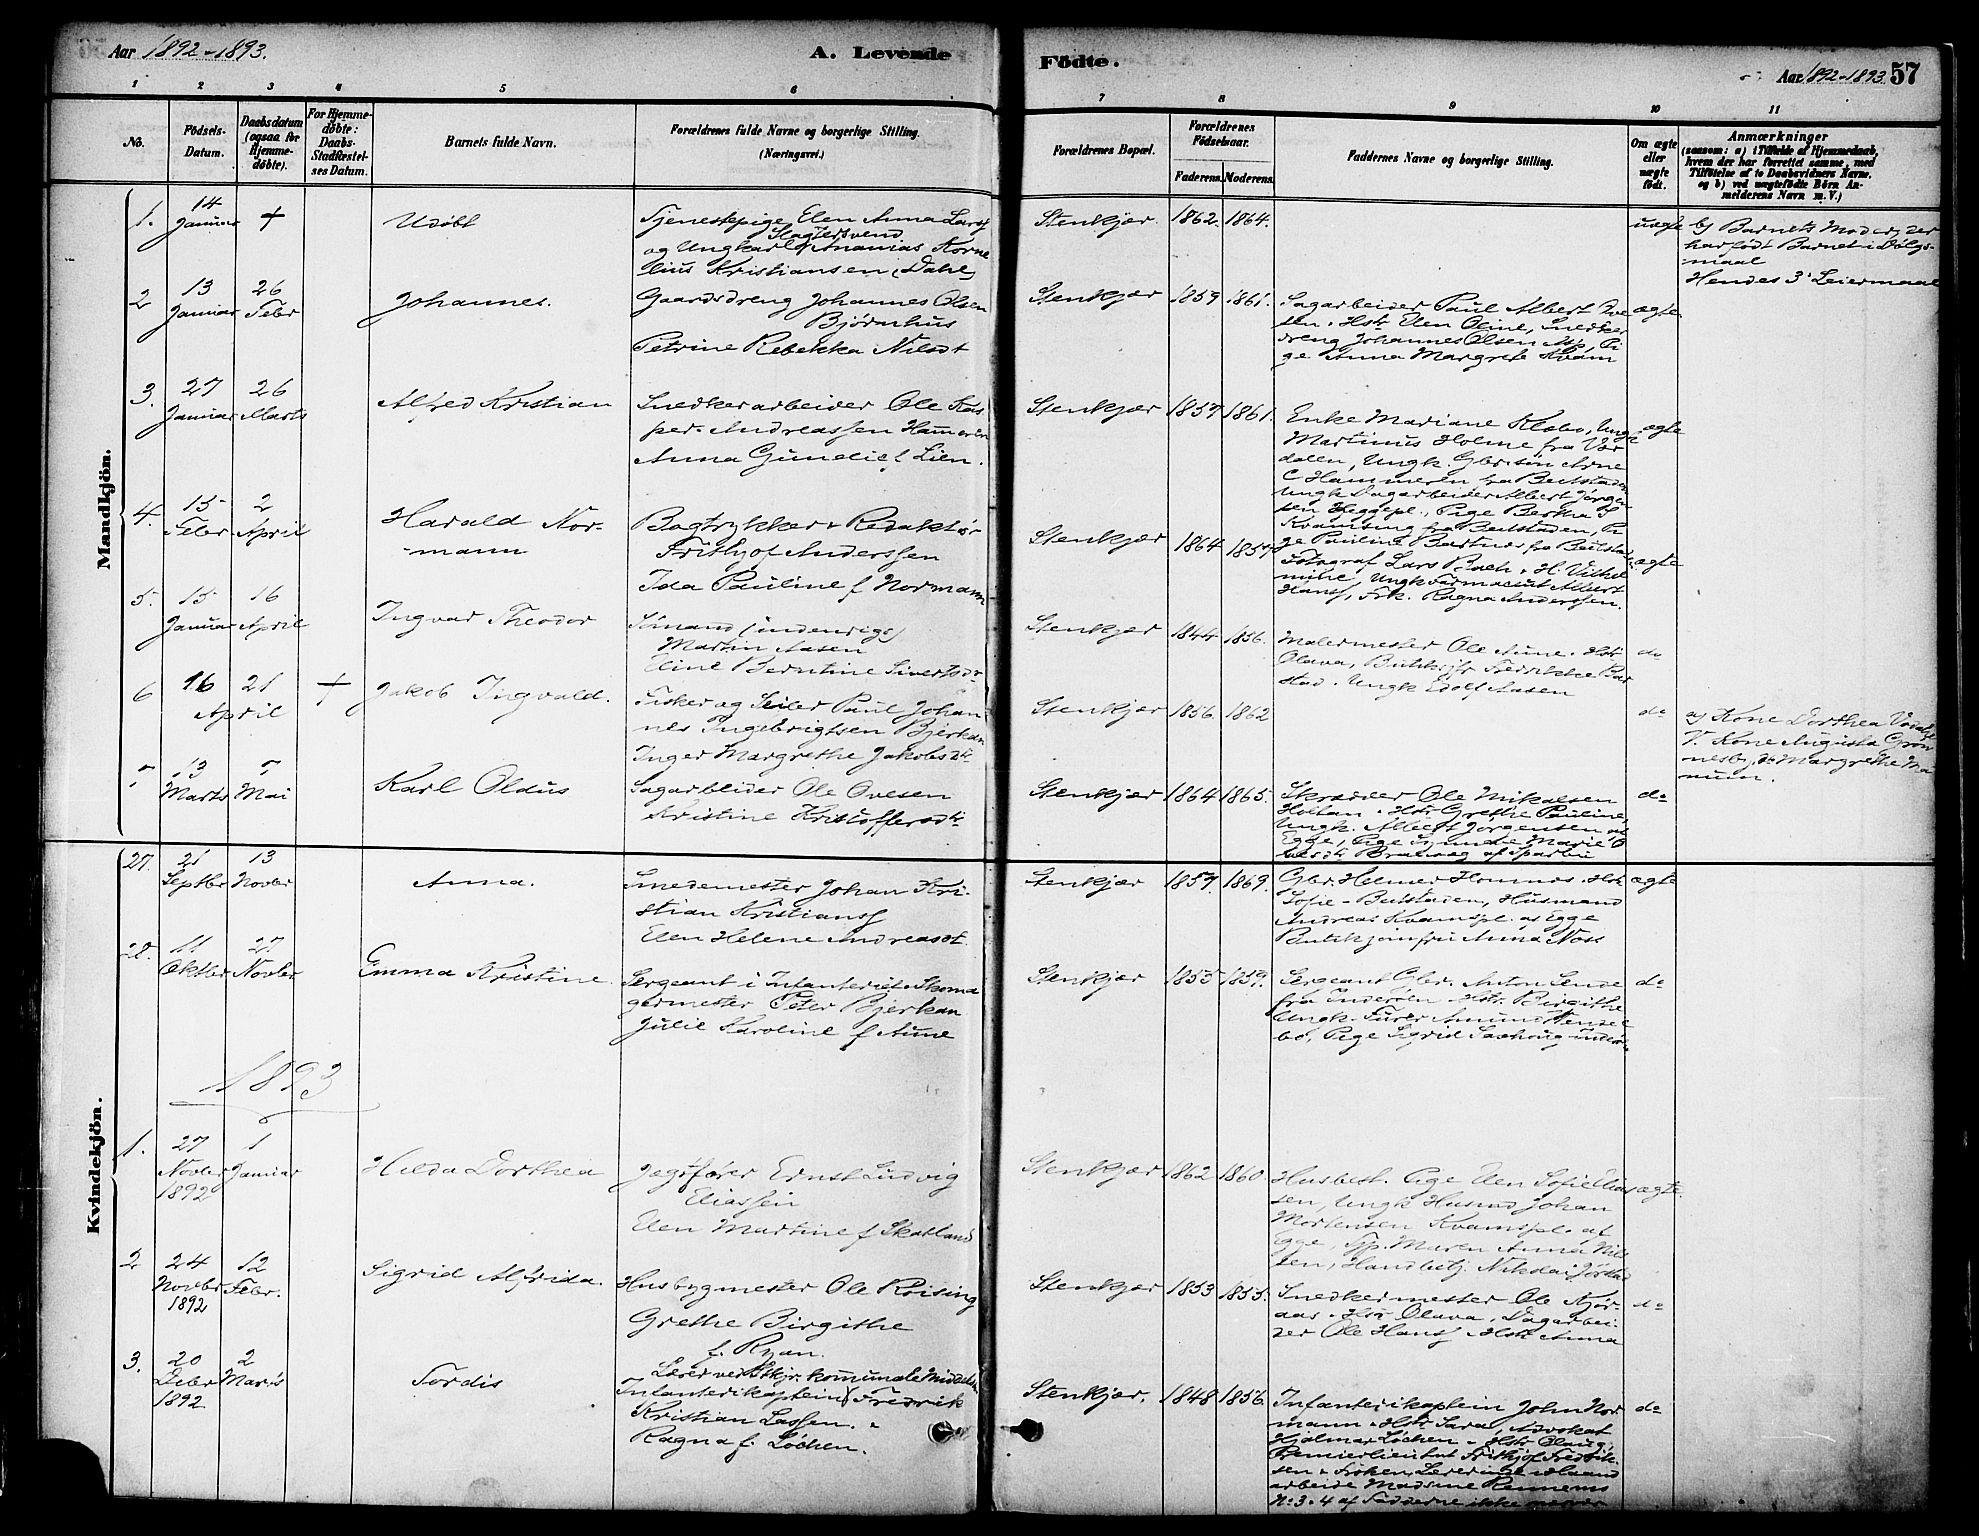 SAT, Ministerialprotokoller, klokkerbøker og fødselsregistre - Nord-Trøndelag, 739/L0371: Ministerialbok nr. 739A03, 1881-1895, s. 57